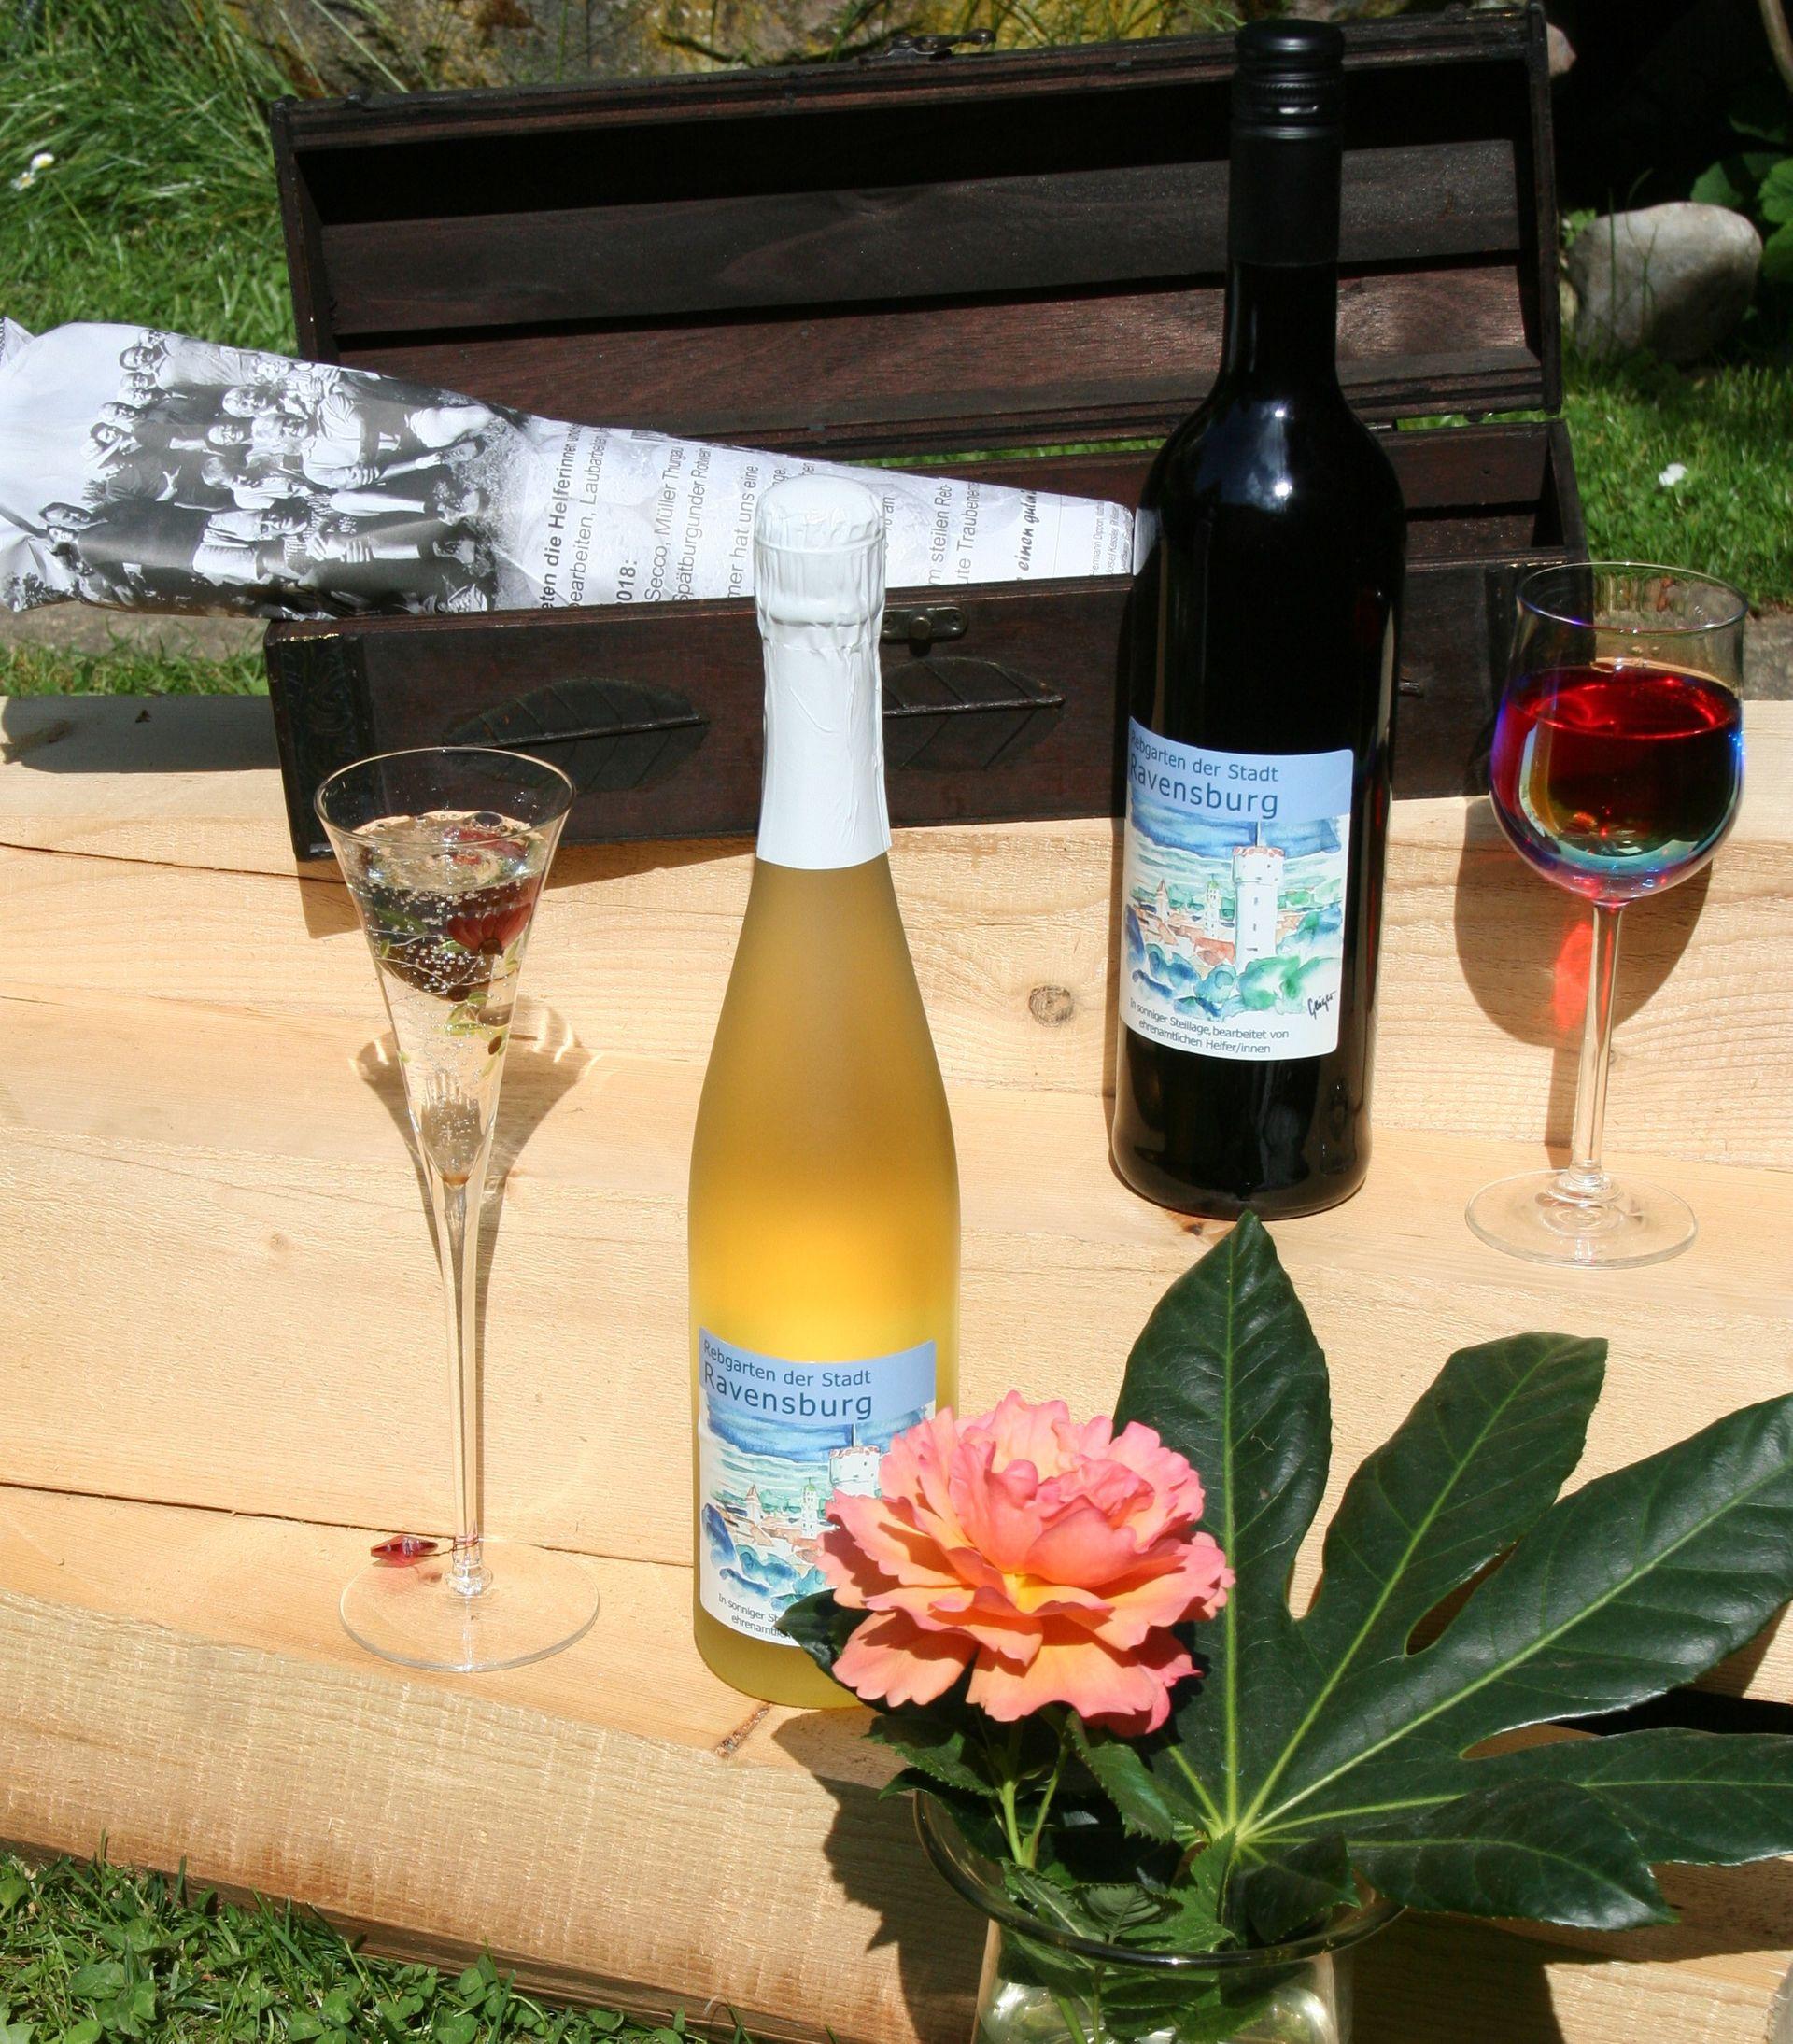 Ravensburger Wein genießen und Gutes tun!